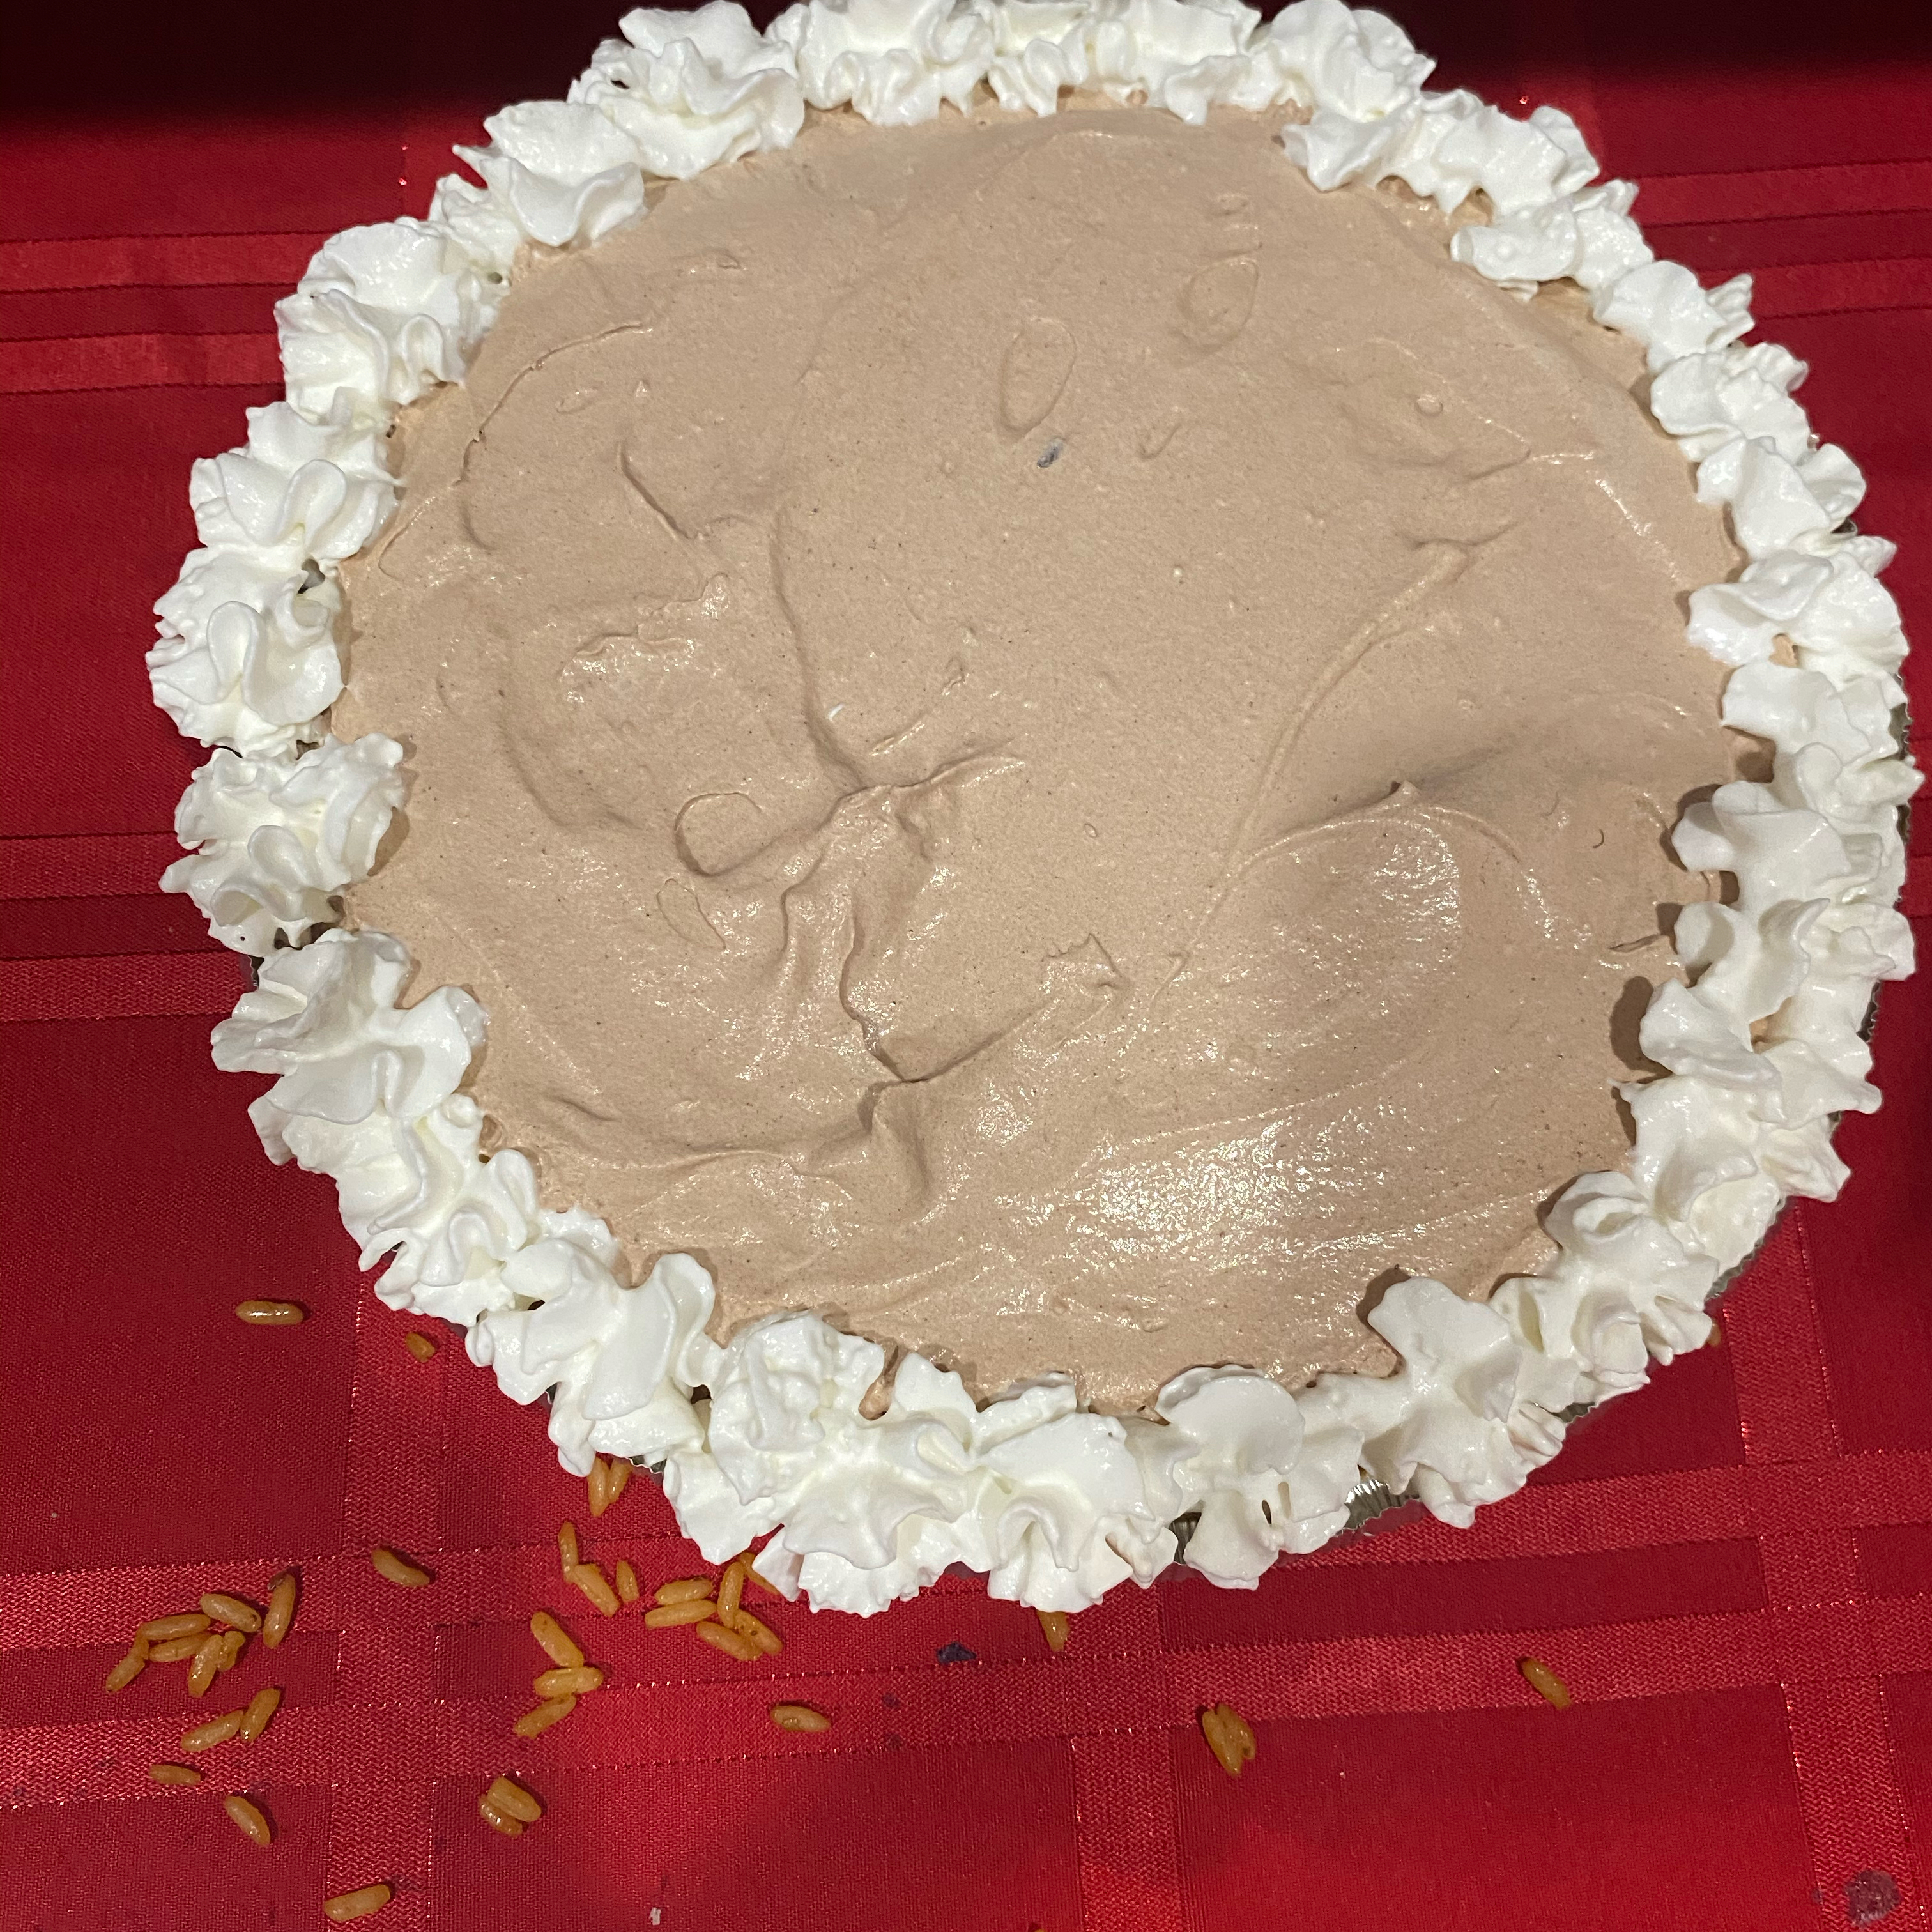 German Sweet Chocolate Pie